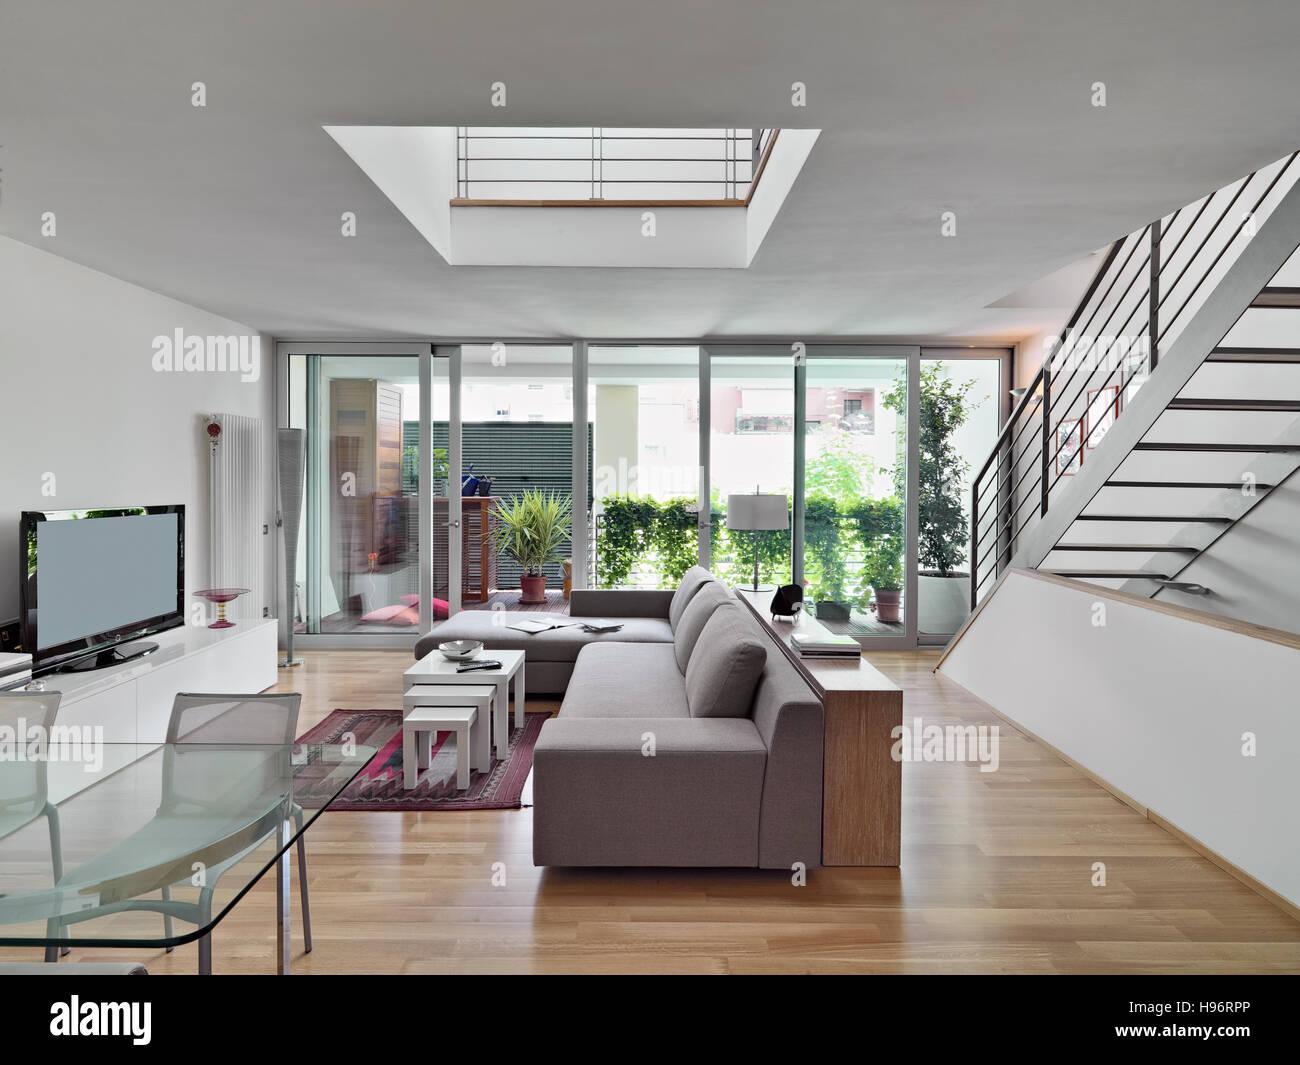 Innenansicht aus einem modernen Wohnzimmer mit Stoff Sofa mit Blick ...